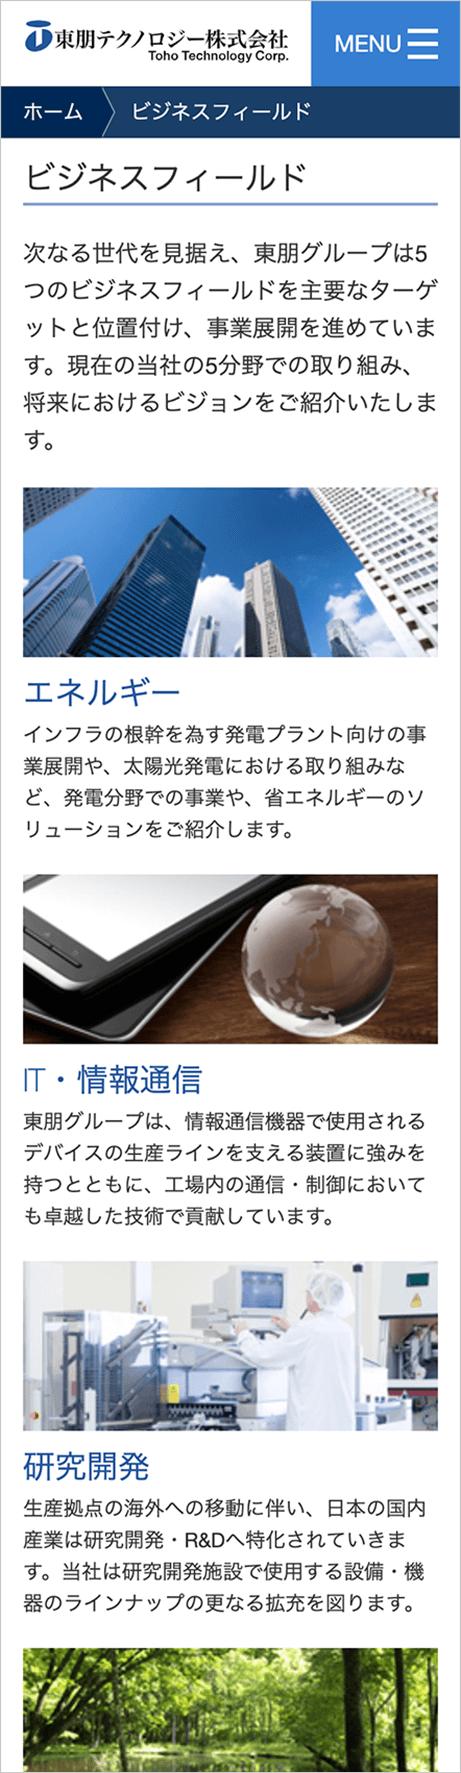 東朋テクノロジーのSPトップページ画像